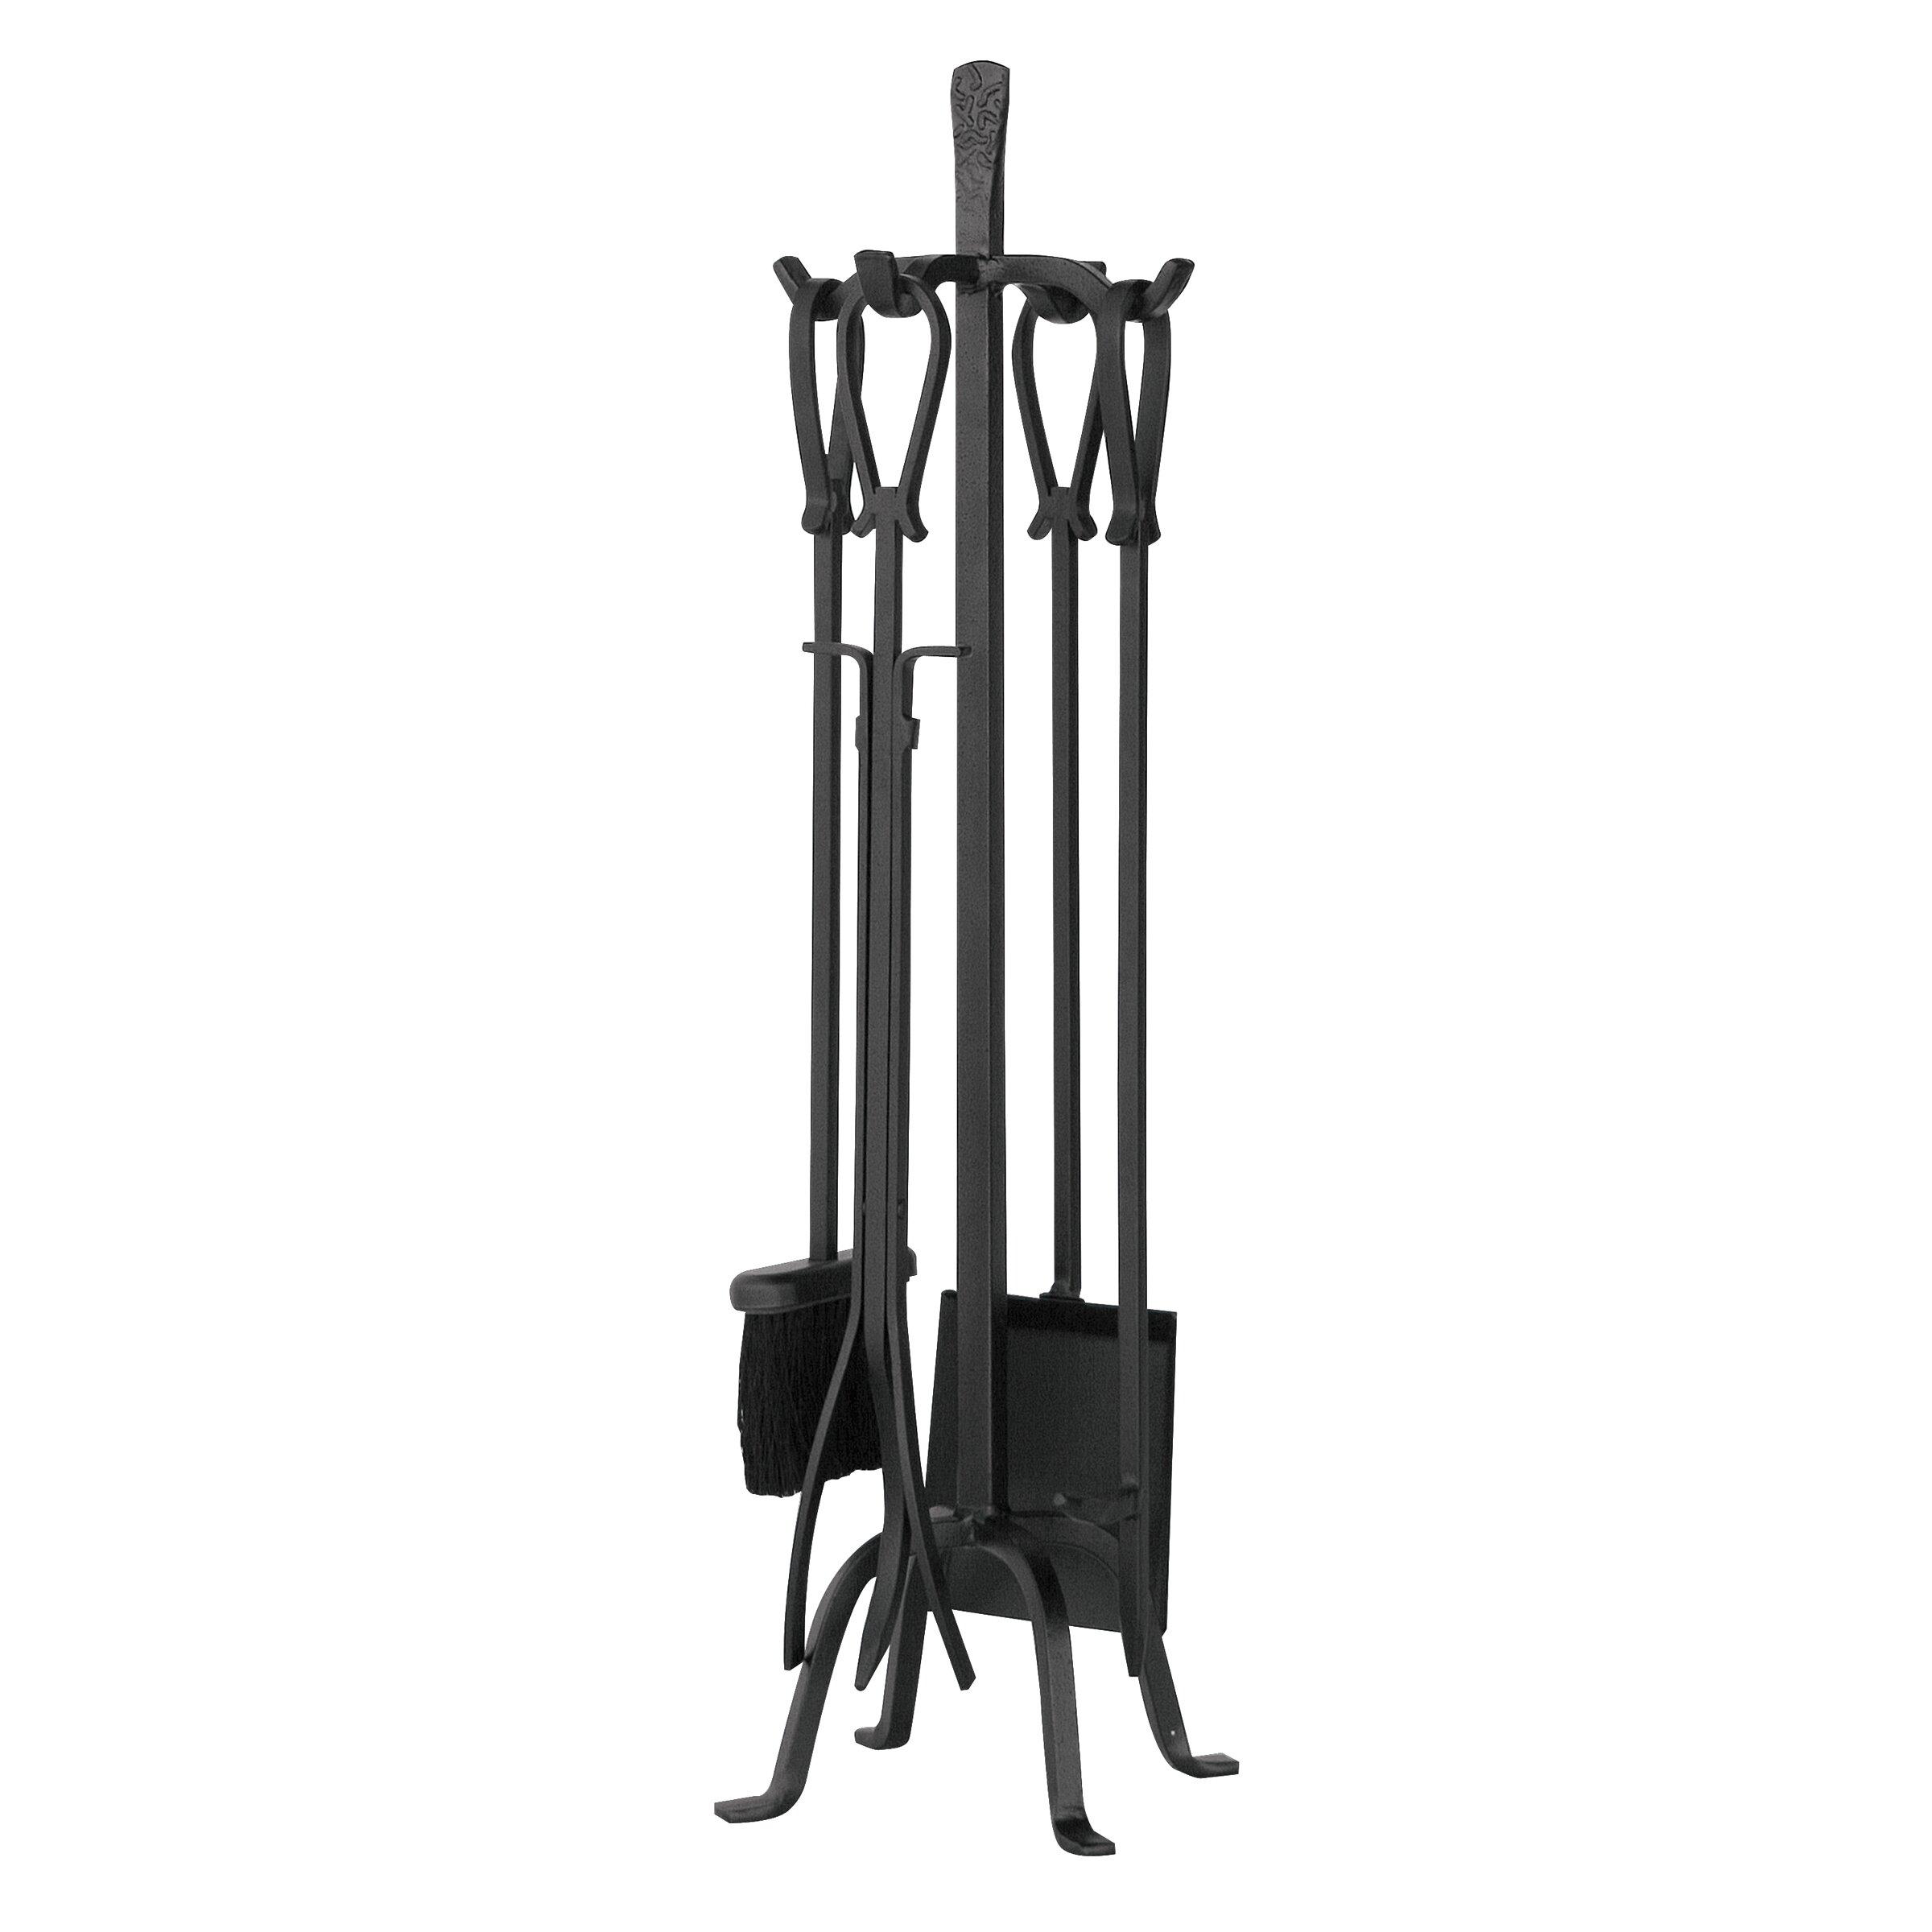 Uniflame 5 Piece Olde World Iron Fireplace Tool Set Reviews Wayfair